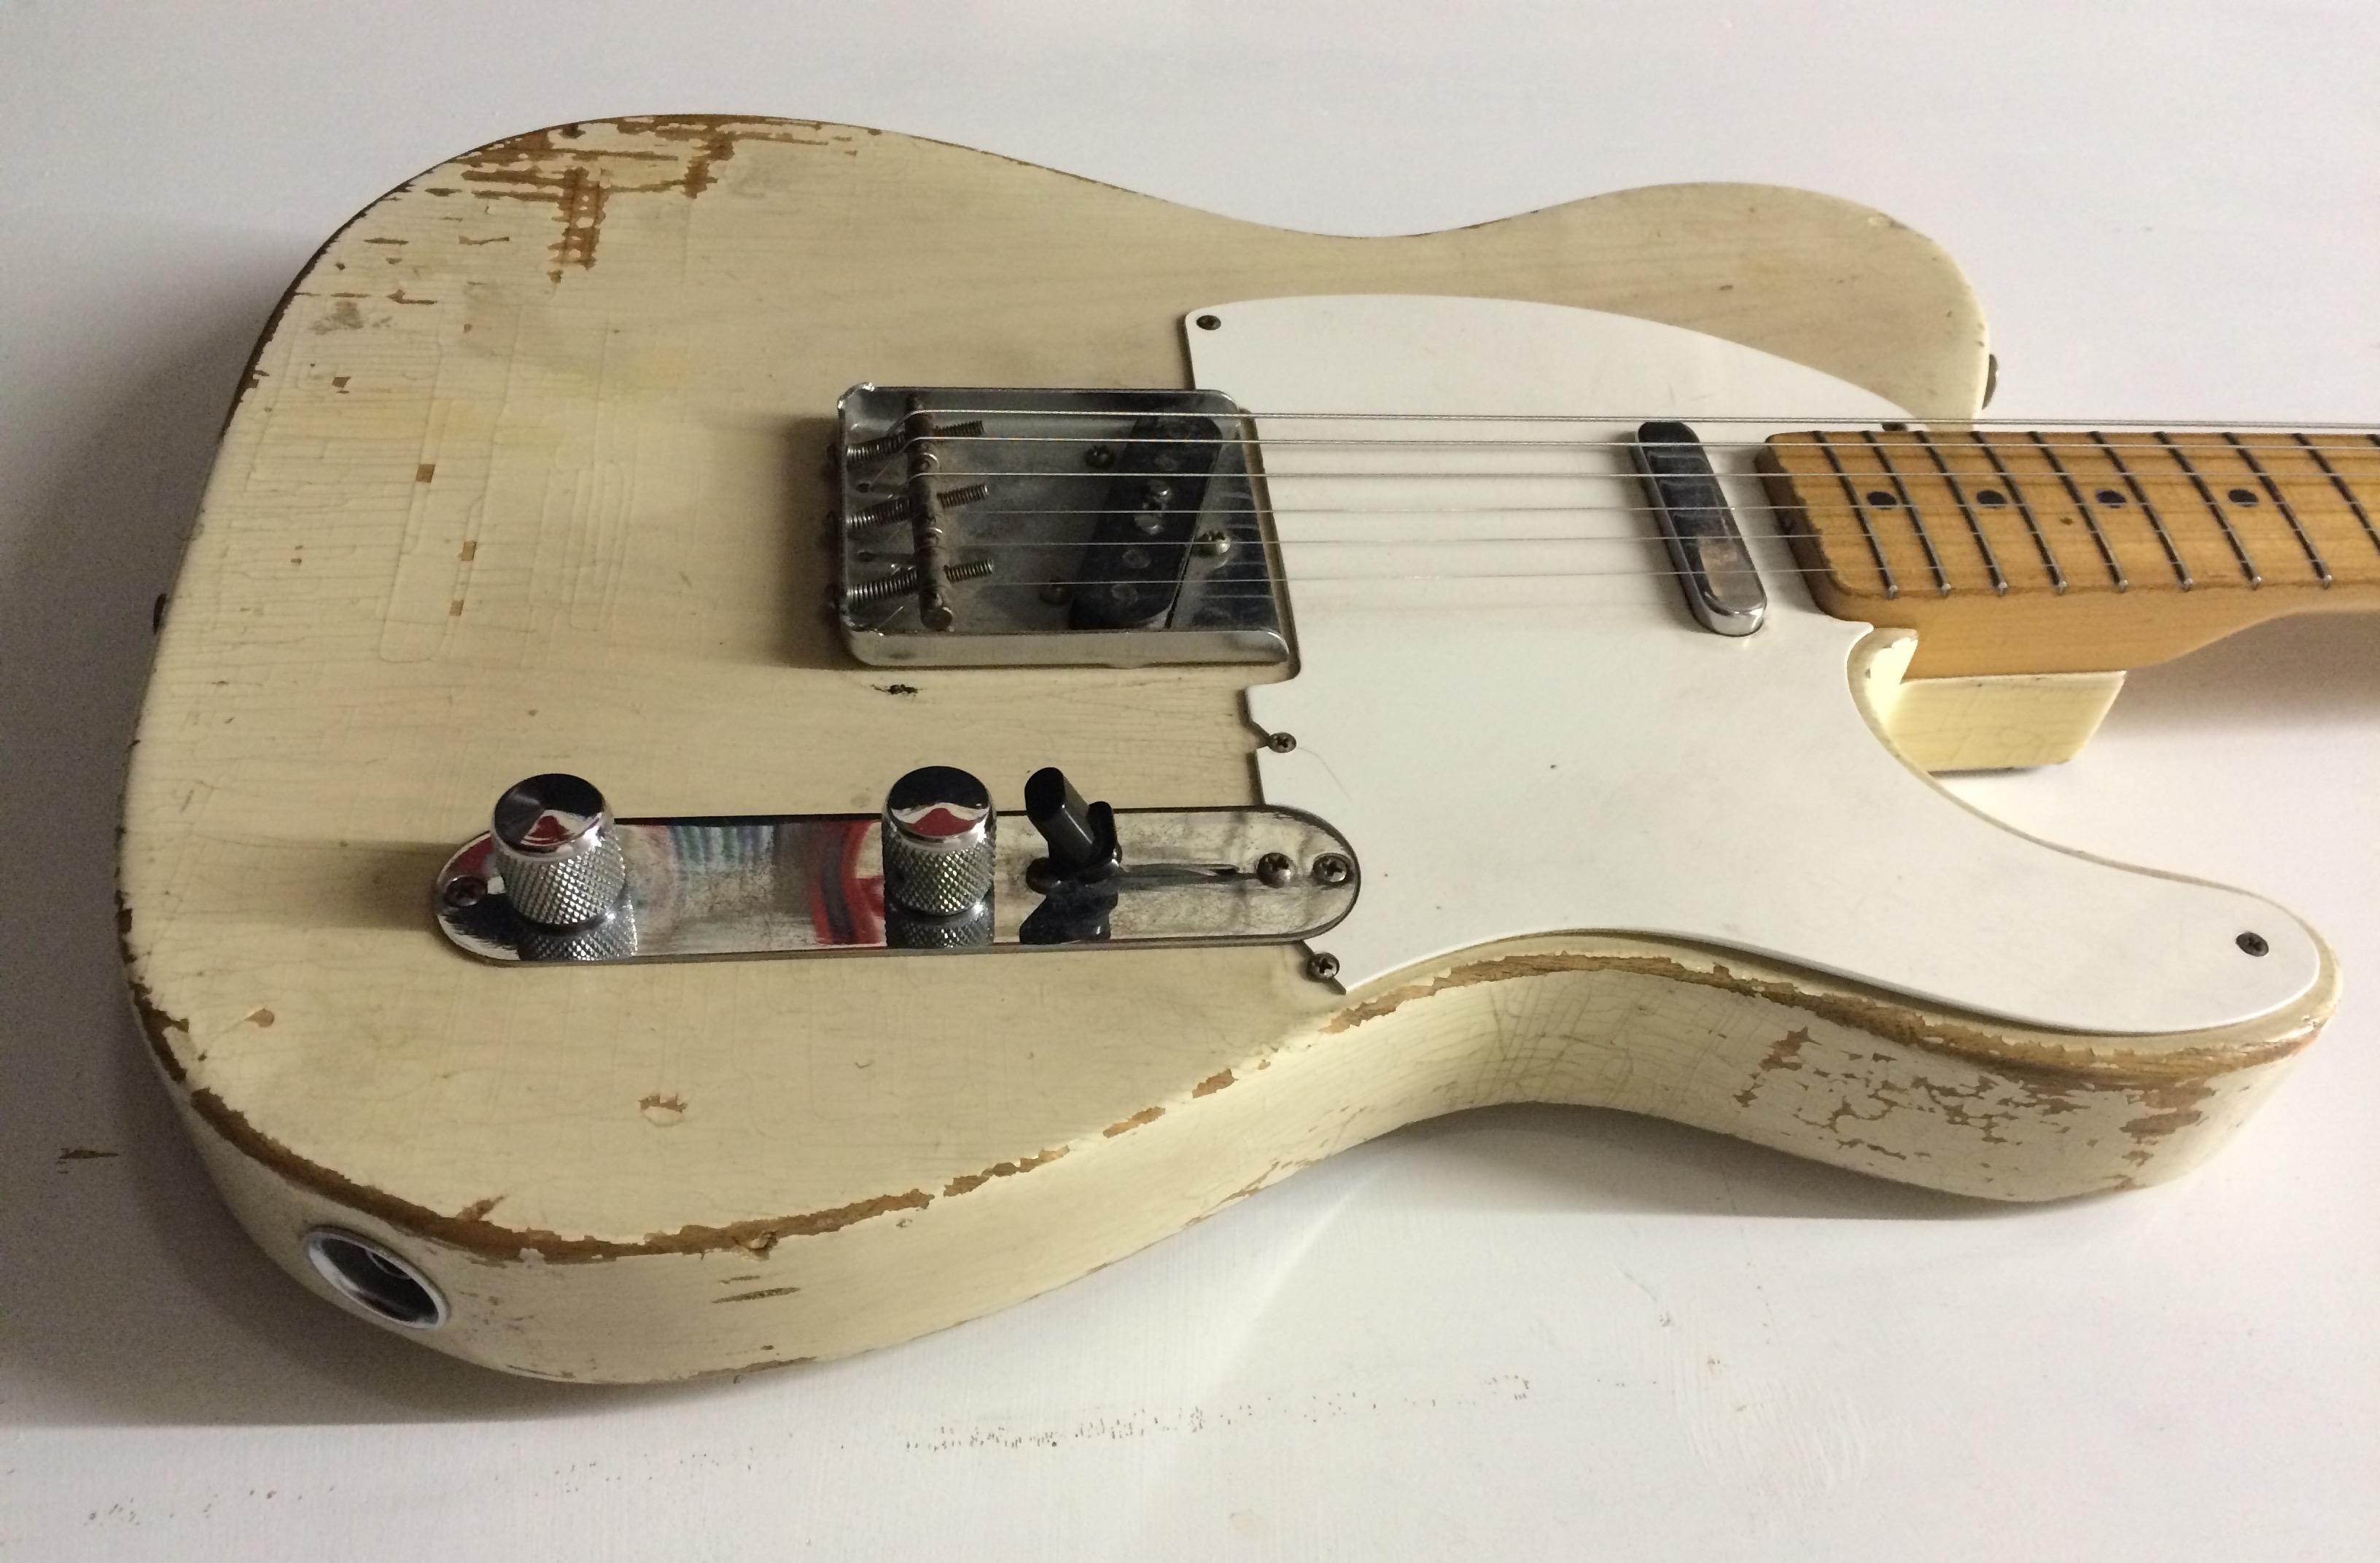 fender telecaster 1958 blonde guitar for sale richard henry guitars ltd. Black Bedroom Furniture Sets. Home Design Ideas